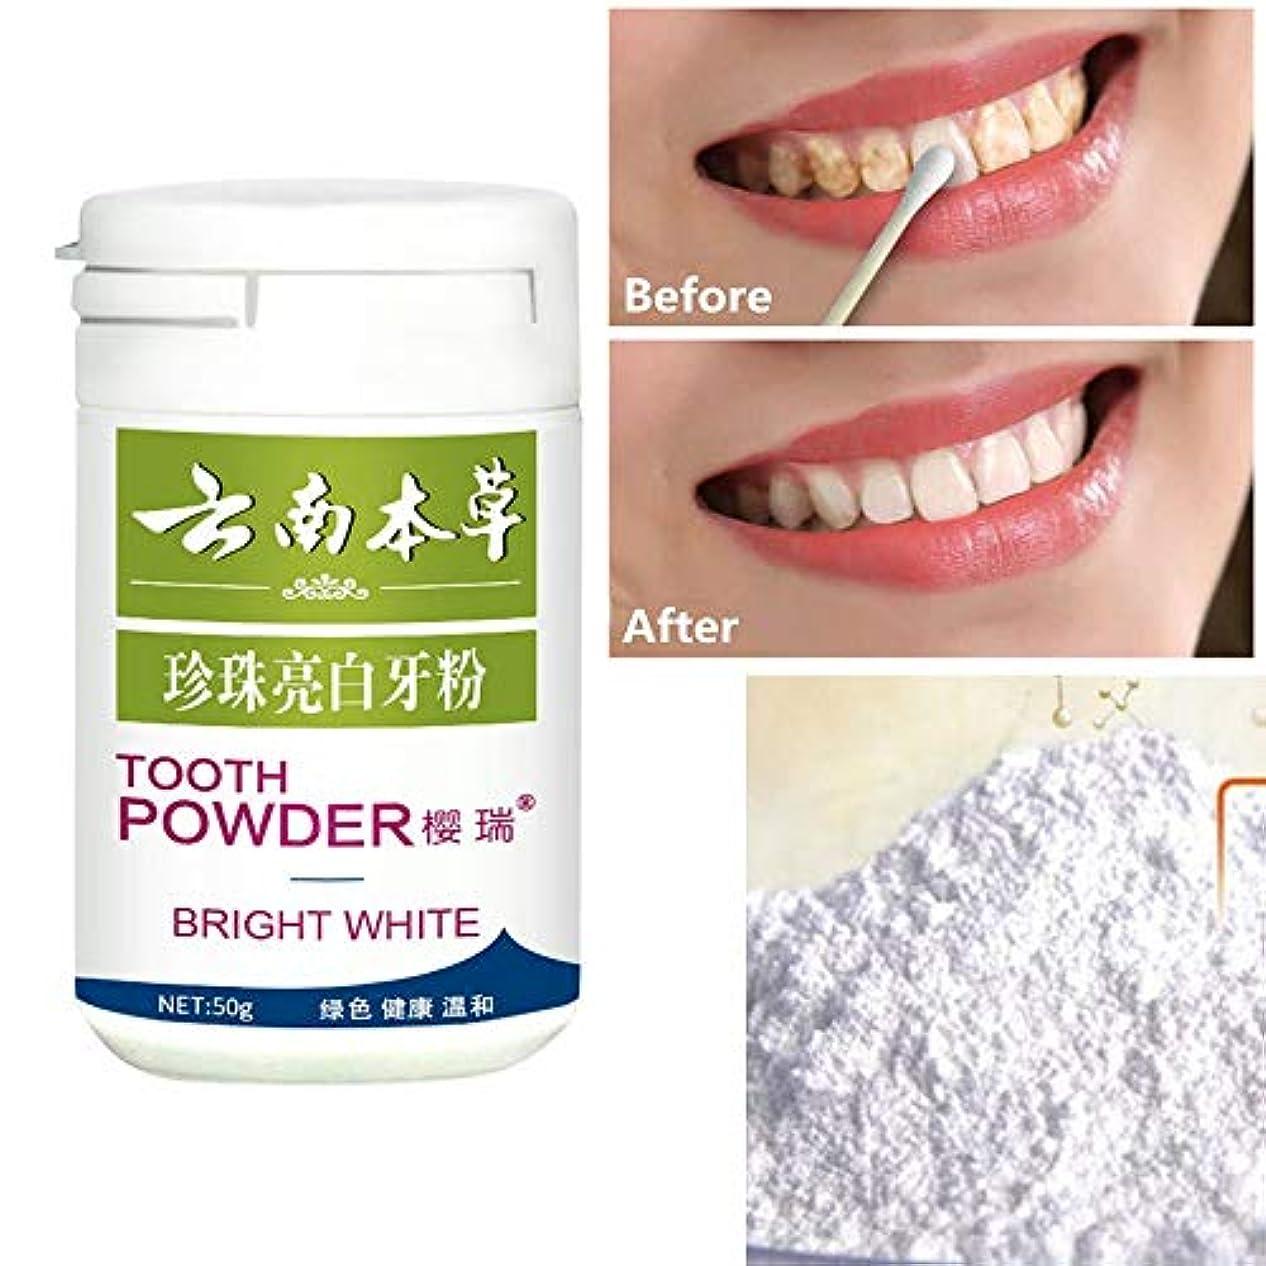 サージ地平線混乱した50gホワイトニング歯のケア口臭を除去するプラーク歯磨き粉粉末をきれいにする歯の歯石の歯石除去の汚れ